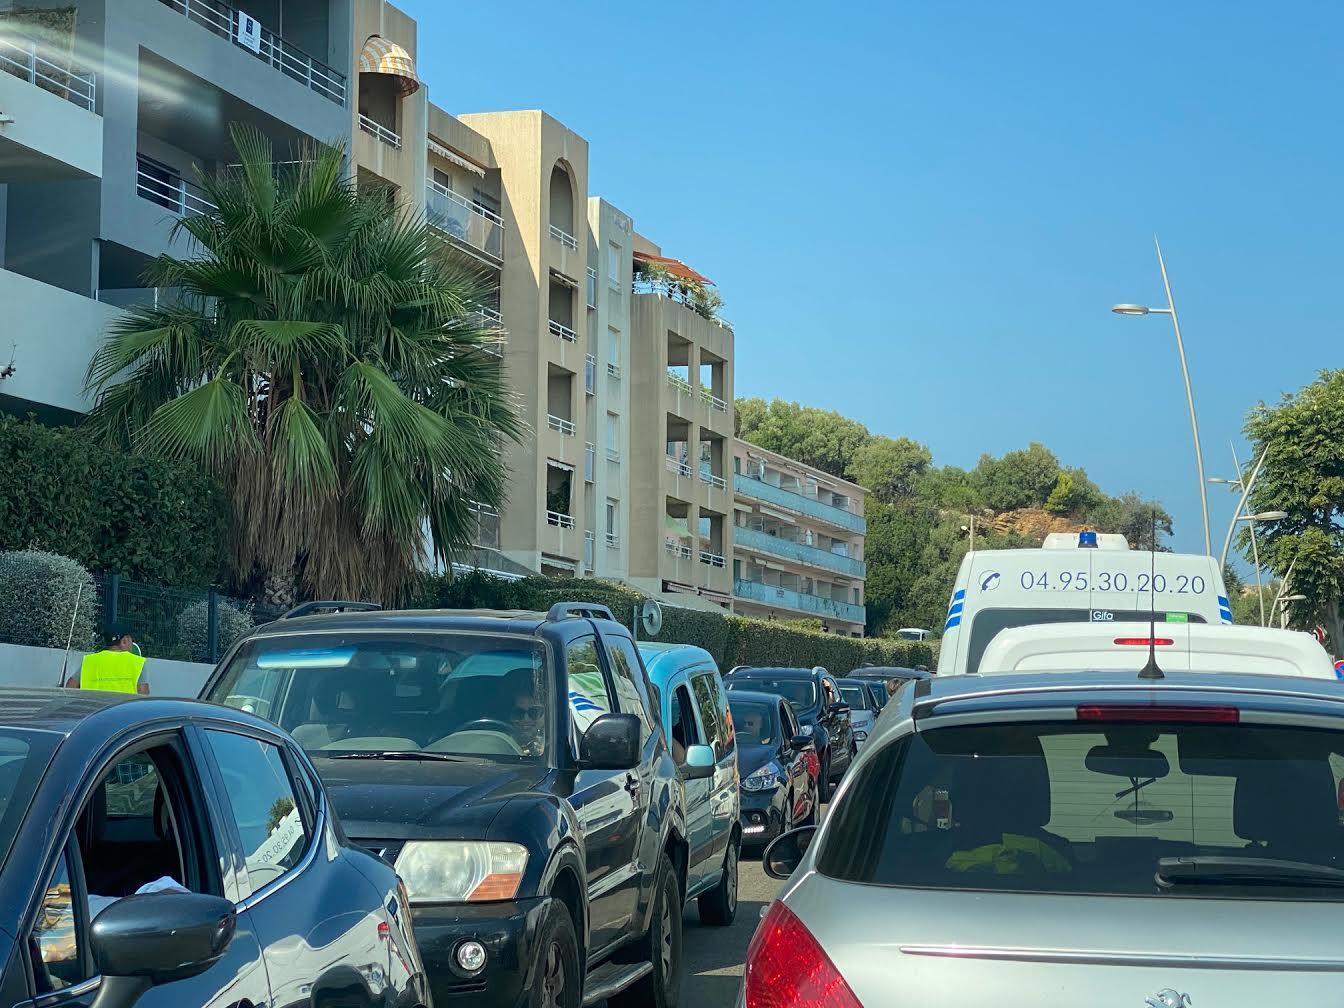 Corse : peut-on vraiment parler de reconfinement ?